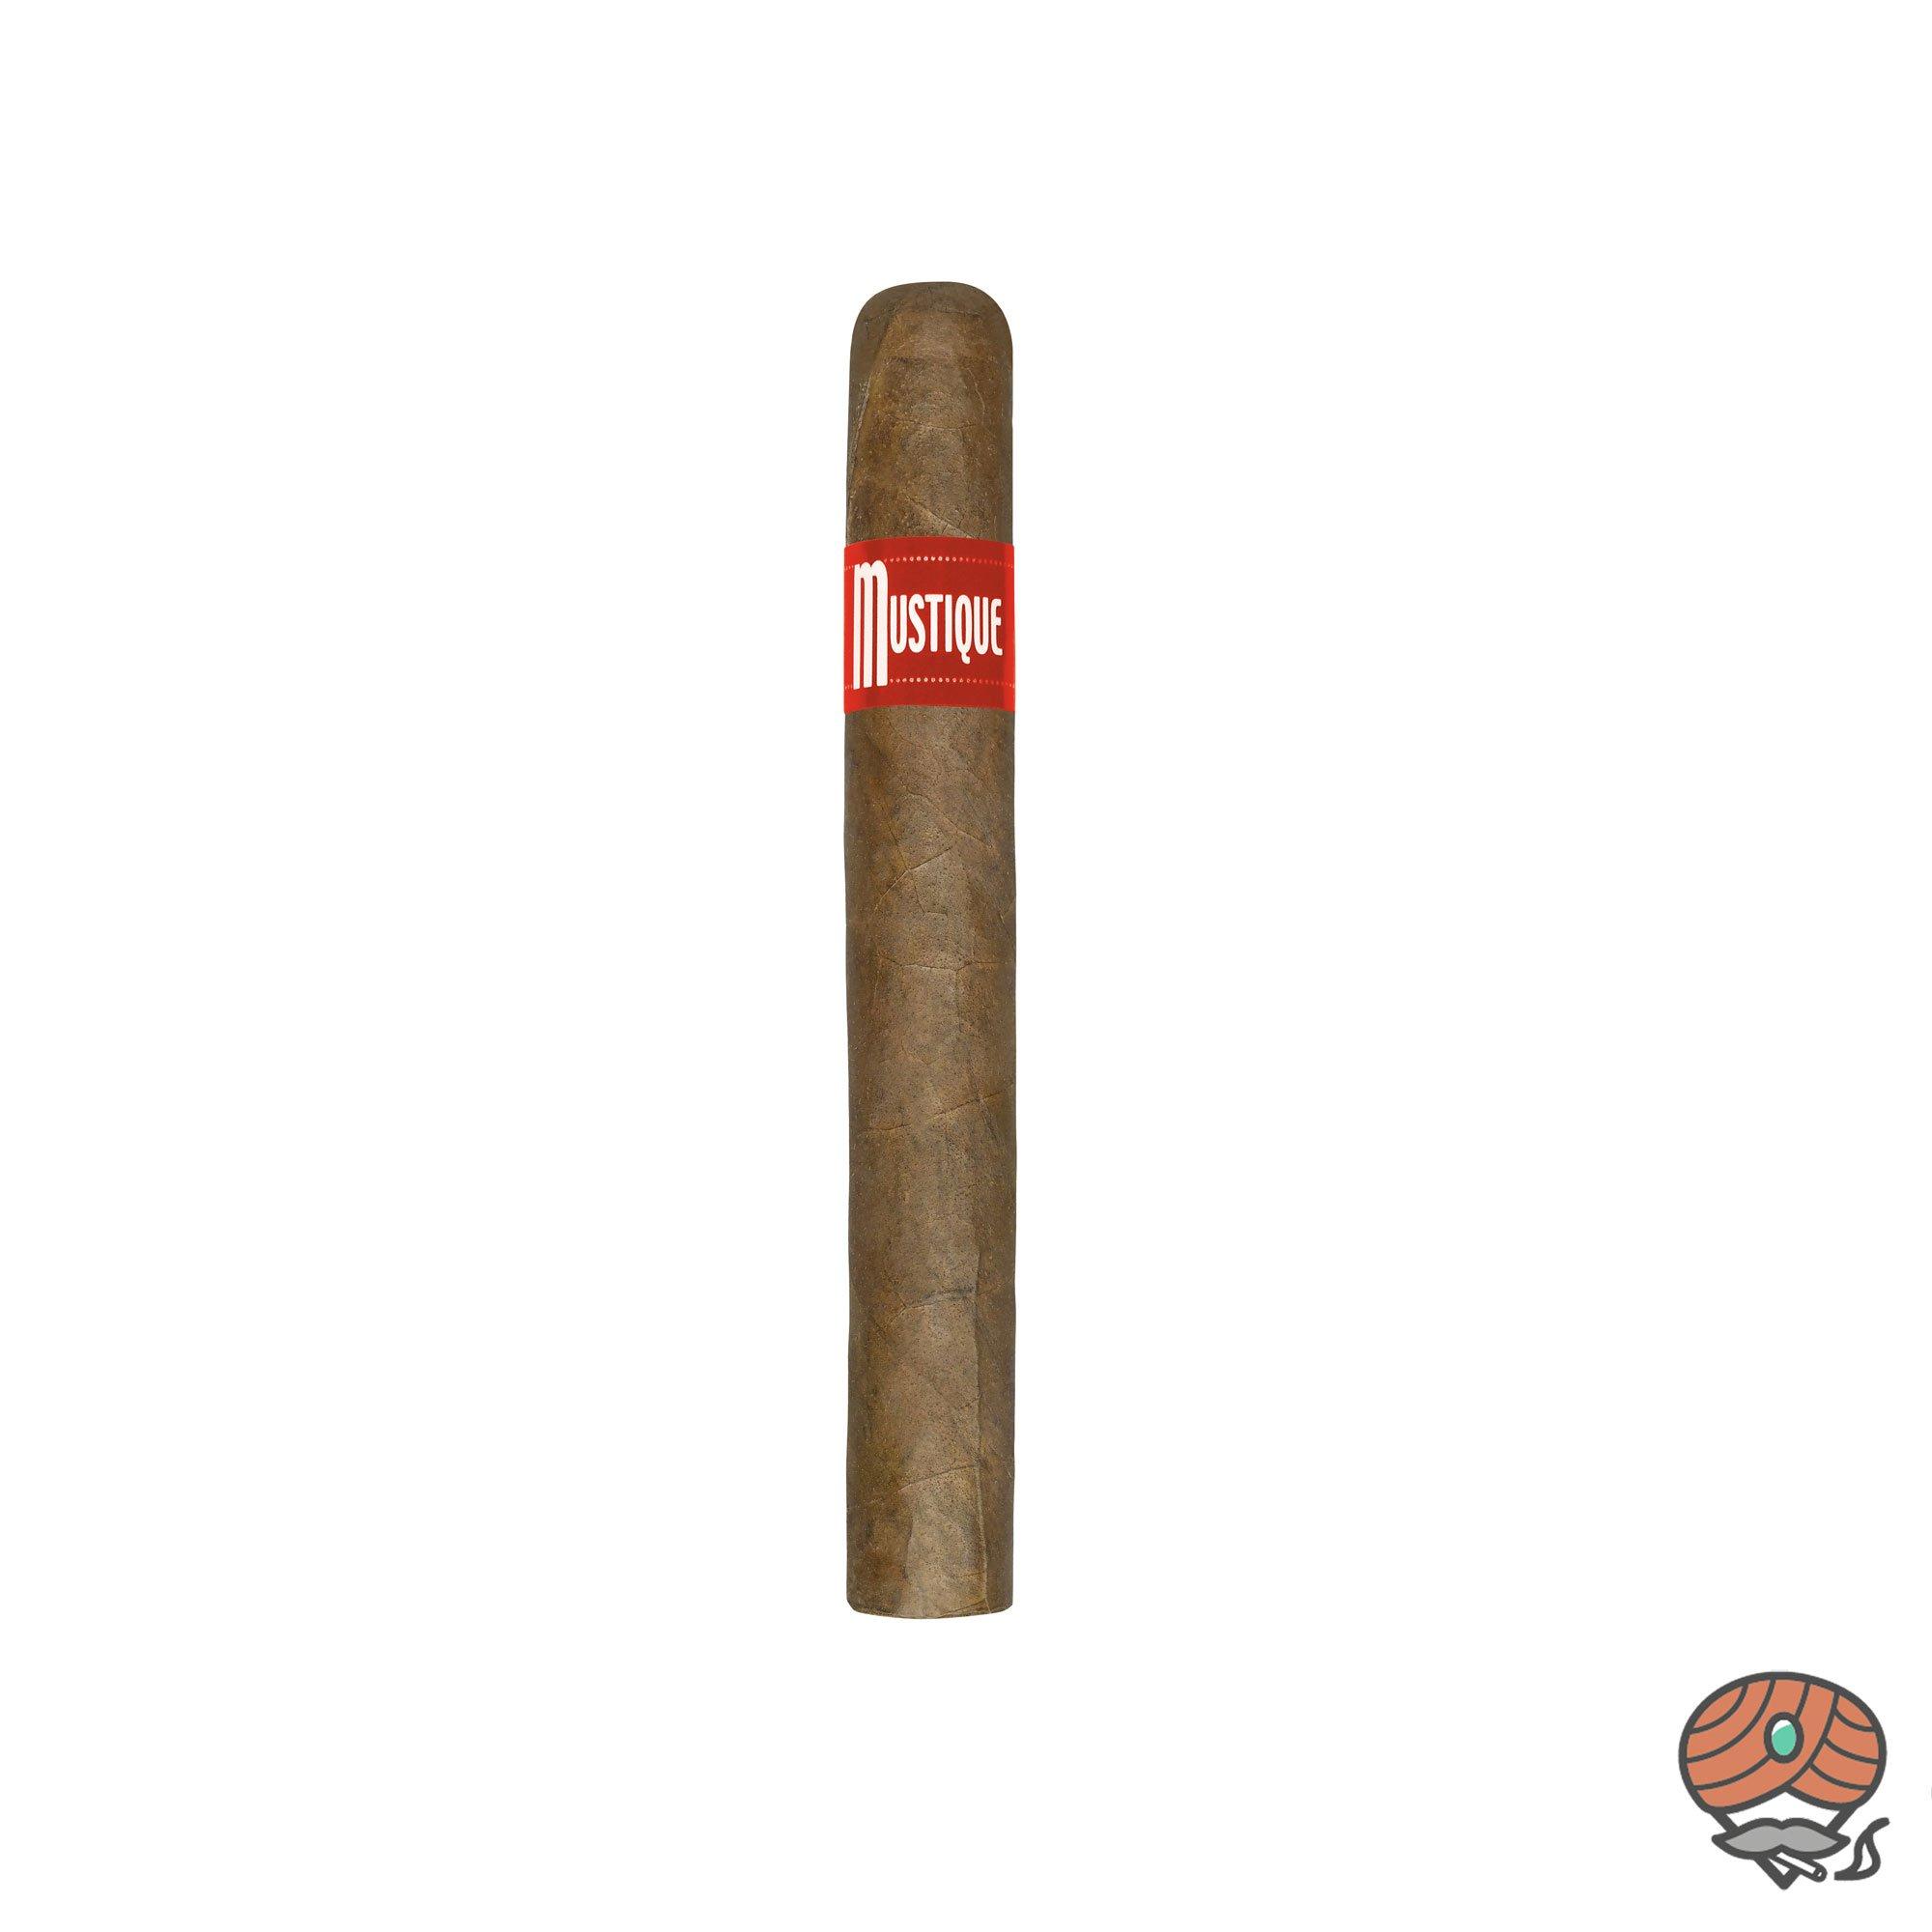 Mustique Red Toro Zigarre Dominkanische Republik